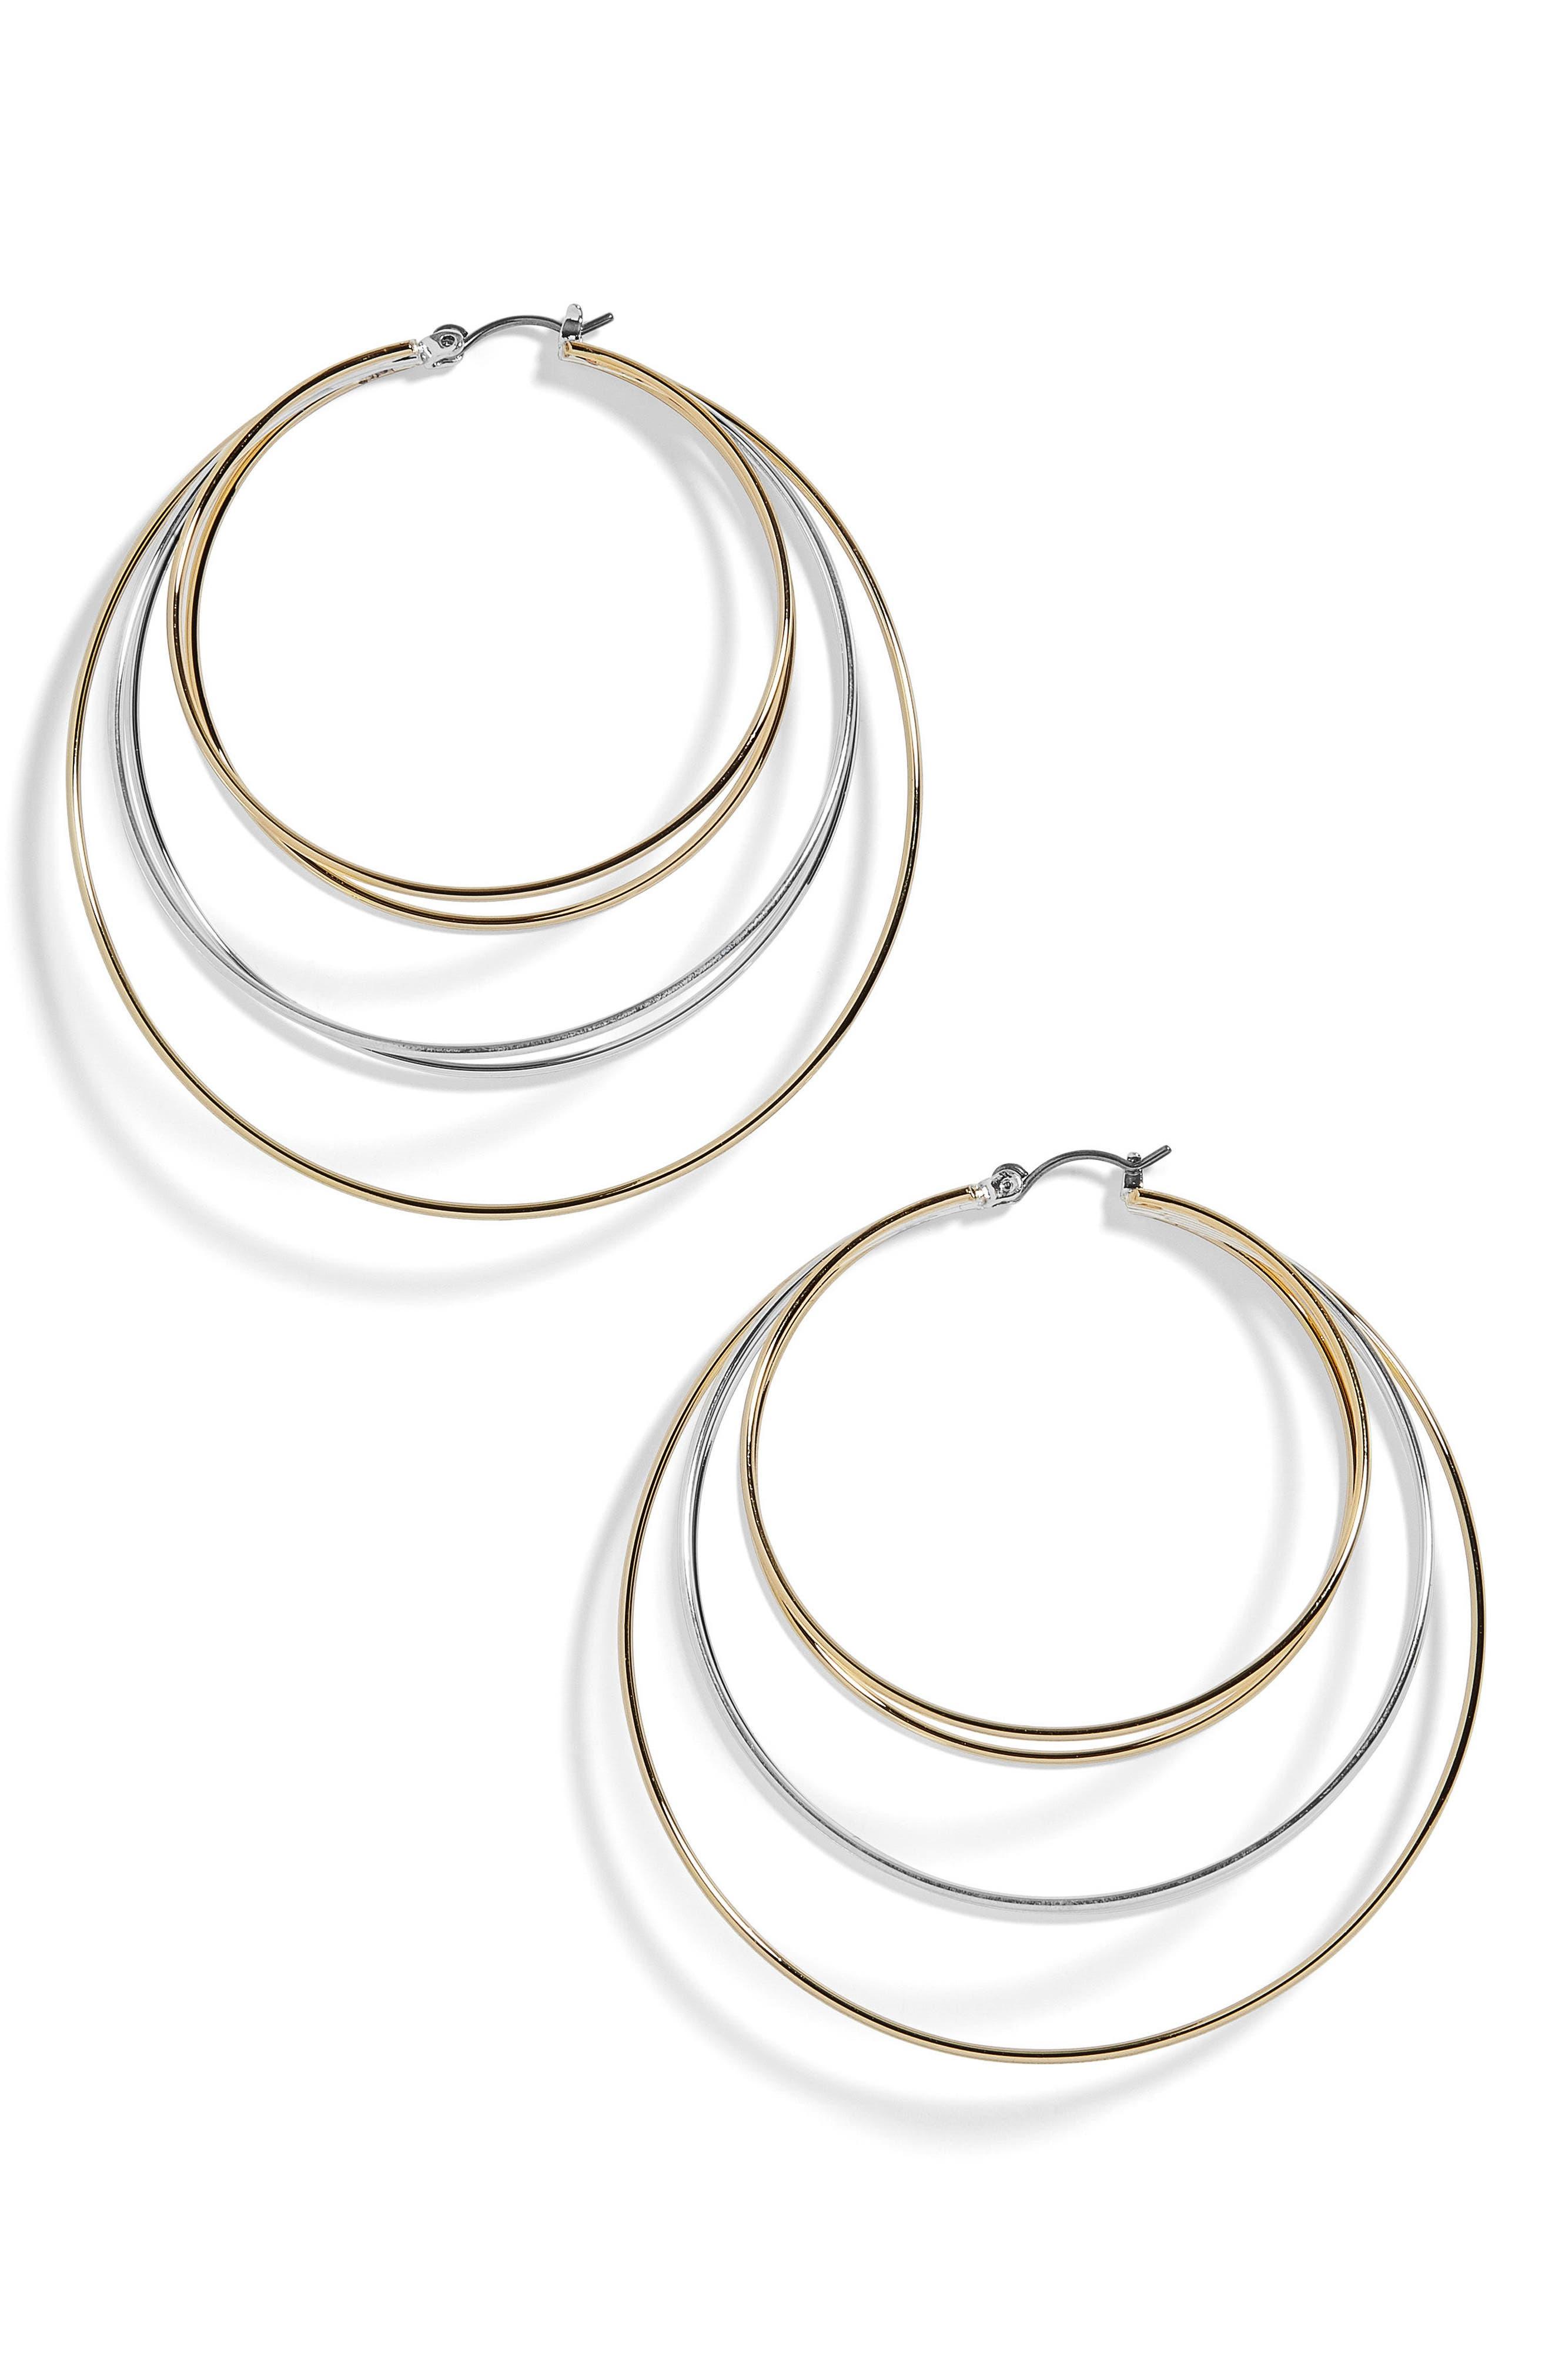 Rielle Mixed Metal Hoop Earrings,                         Main,                         color, 041